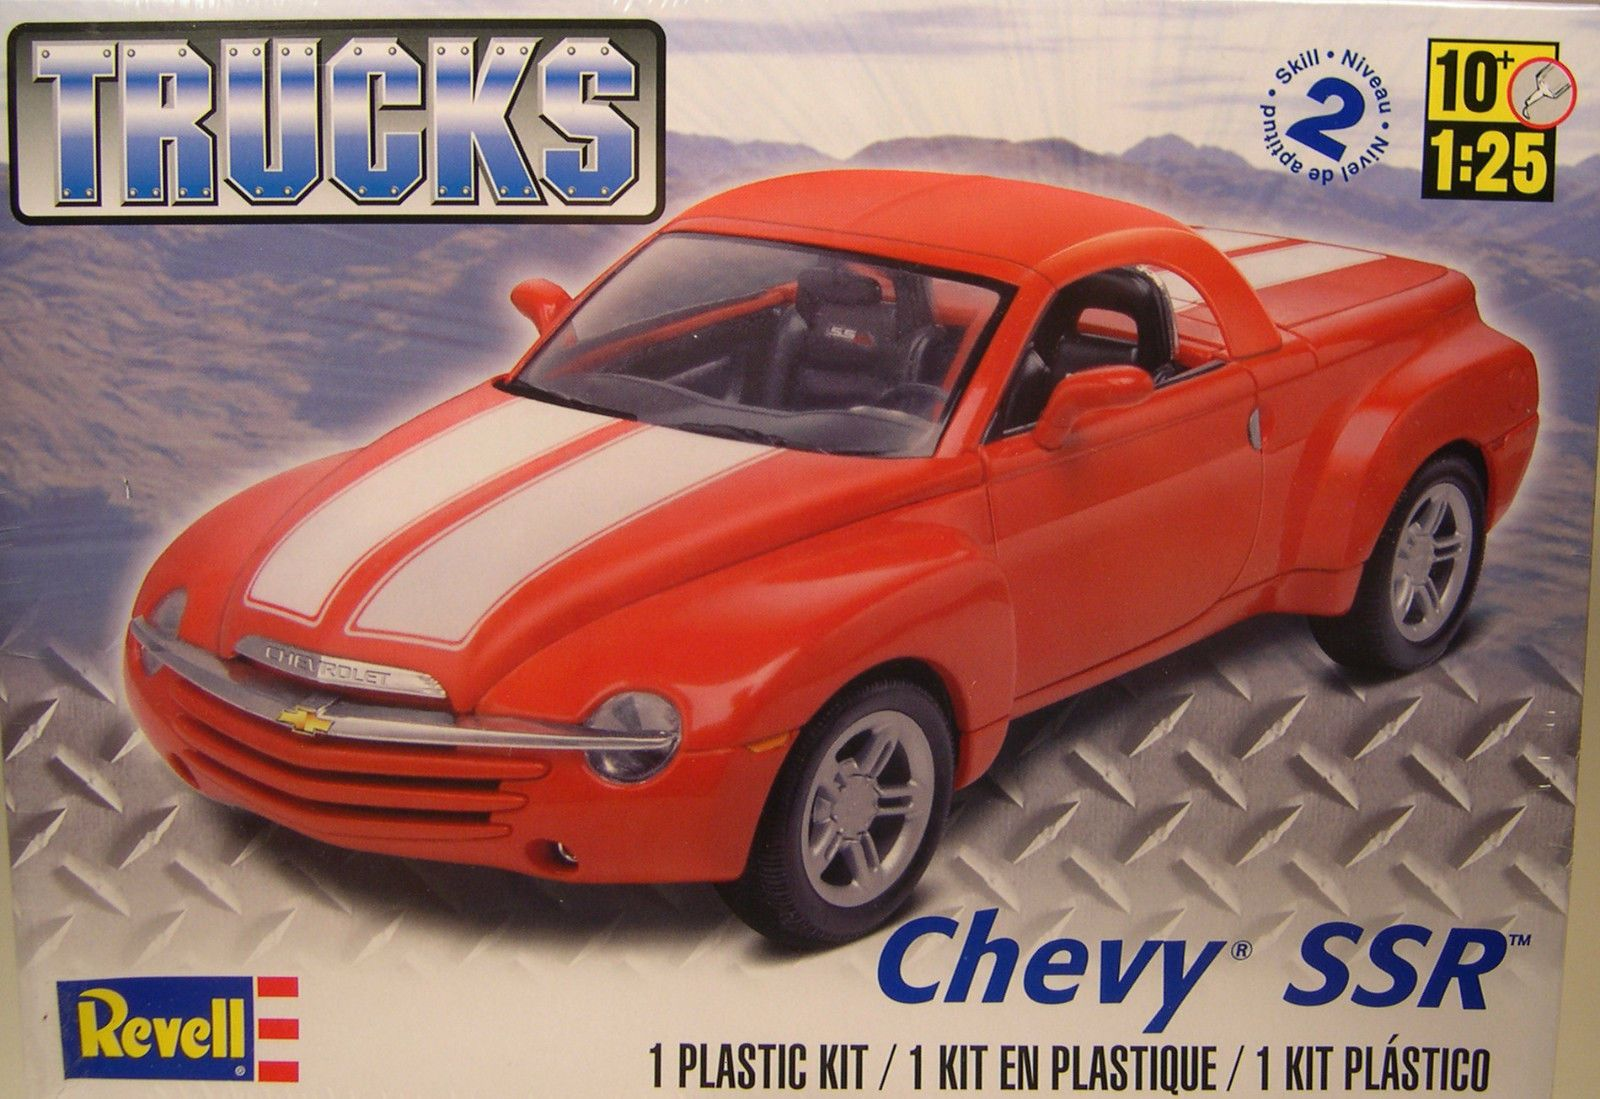 Chevrolet ssr trucks series 1 25 scale revell plastic model kit